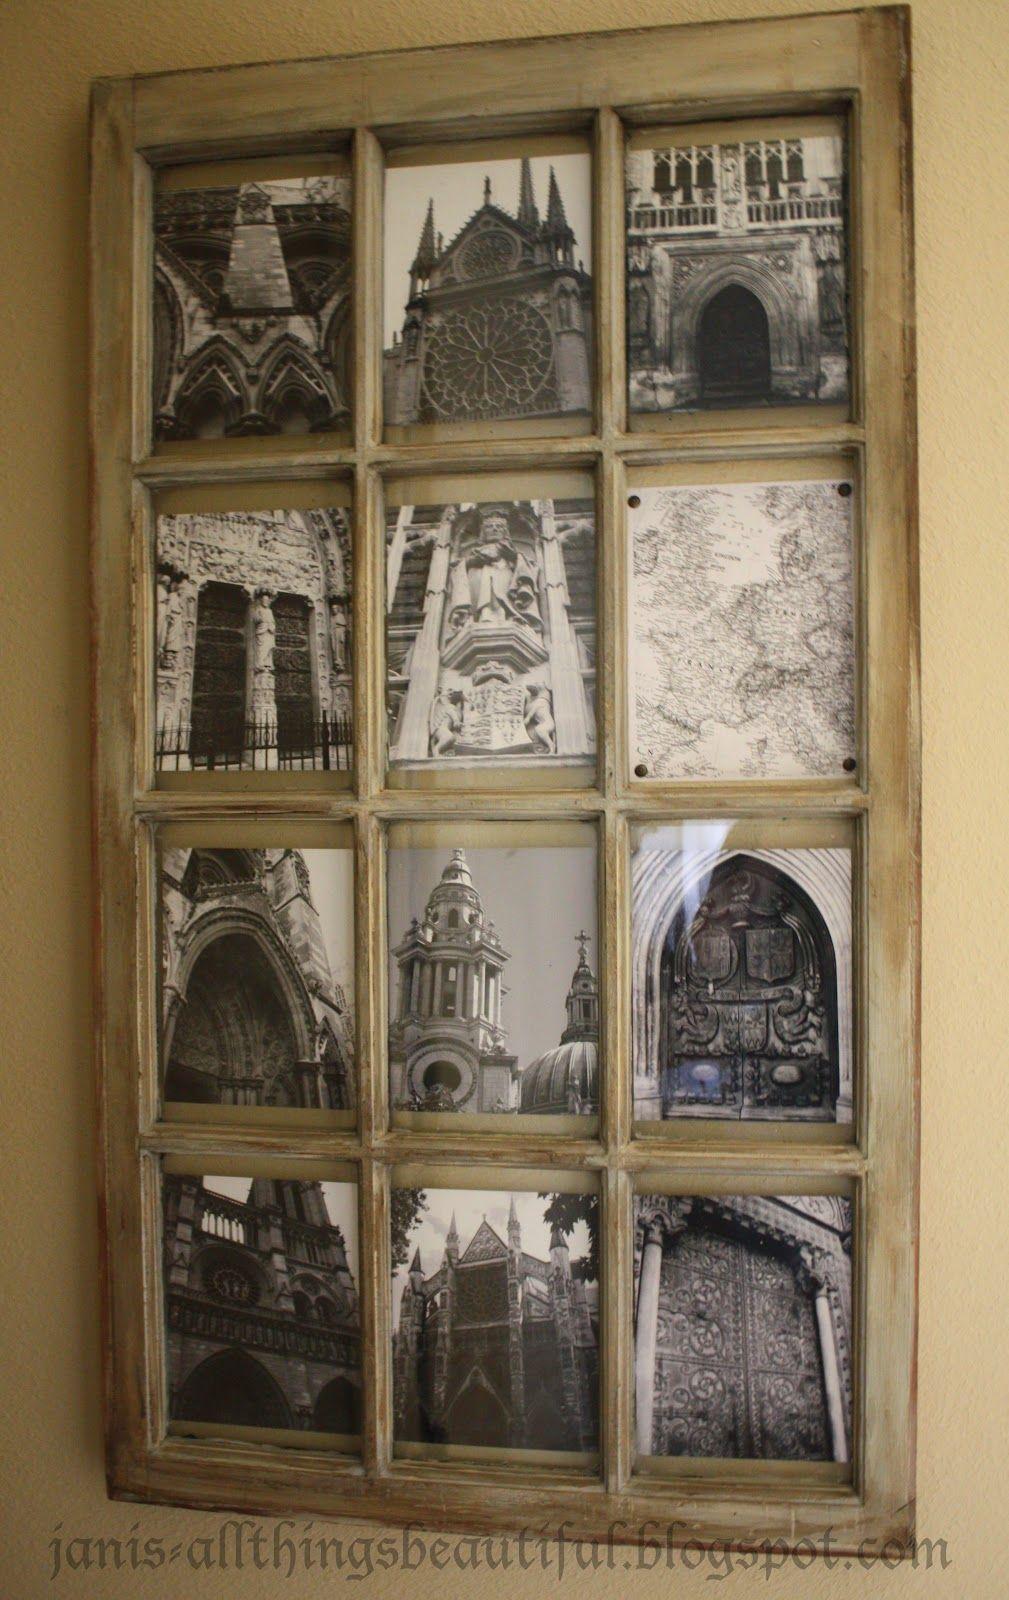 Window pane ideas  all things beautiful old window art  wall art in   pinterest